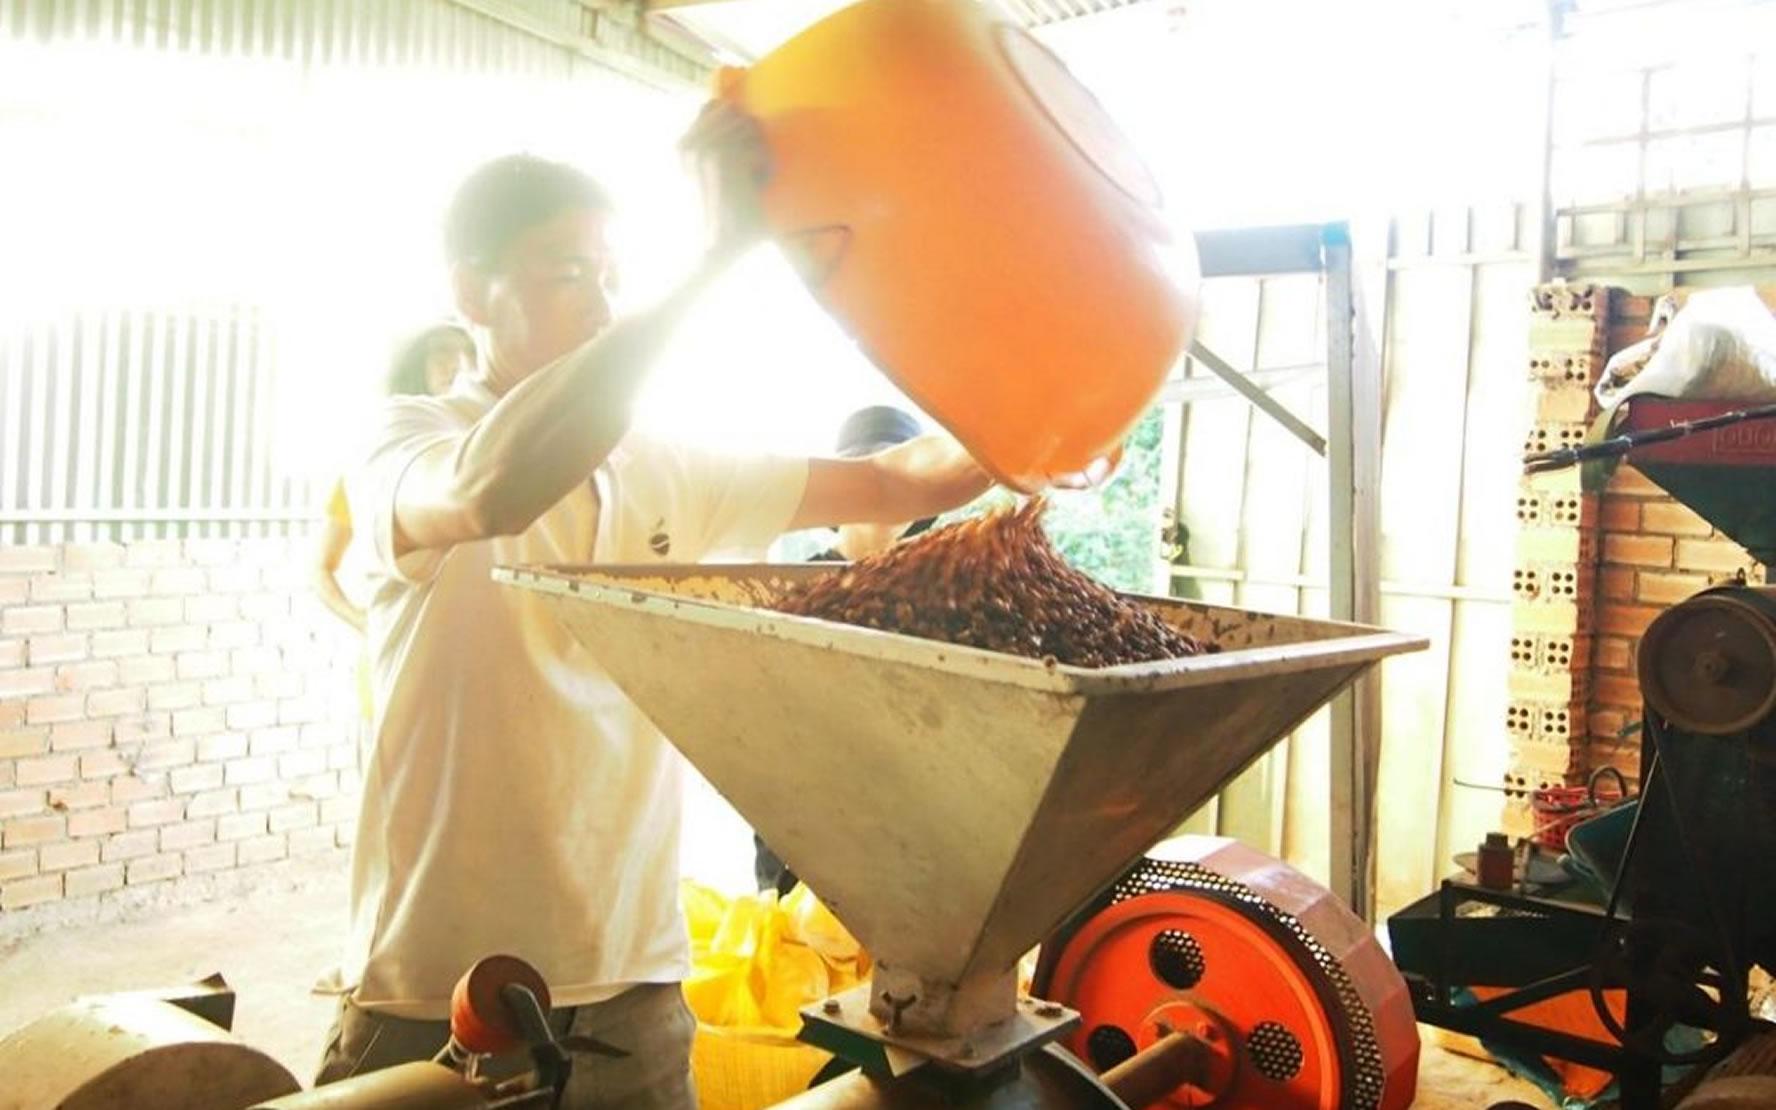 ベトナムのコーヒー農園と日本のチャレンジド、たくさんの思いがつながるBIG SMILE COFFEEのストーリー【中編】